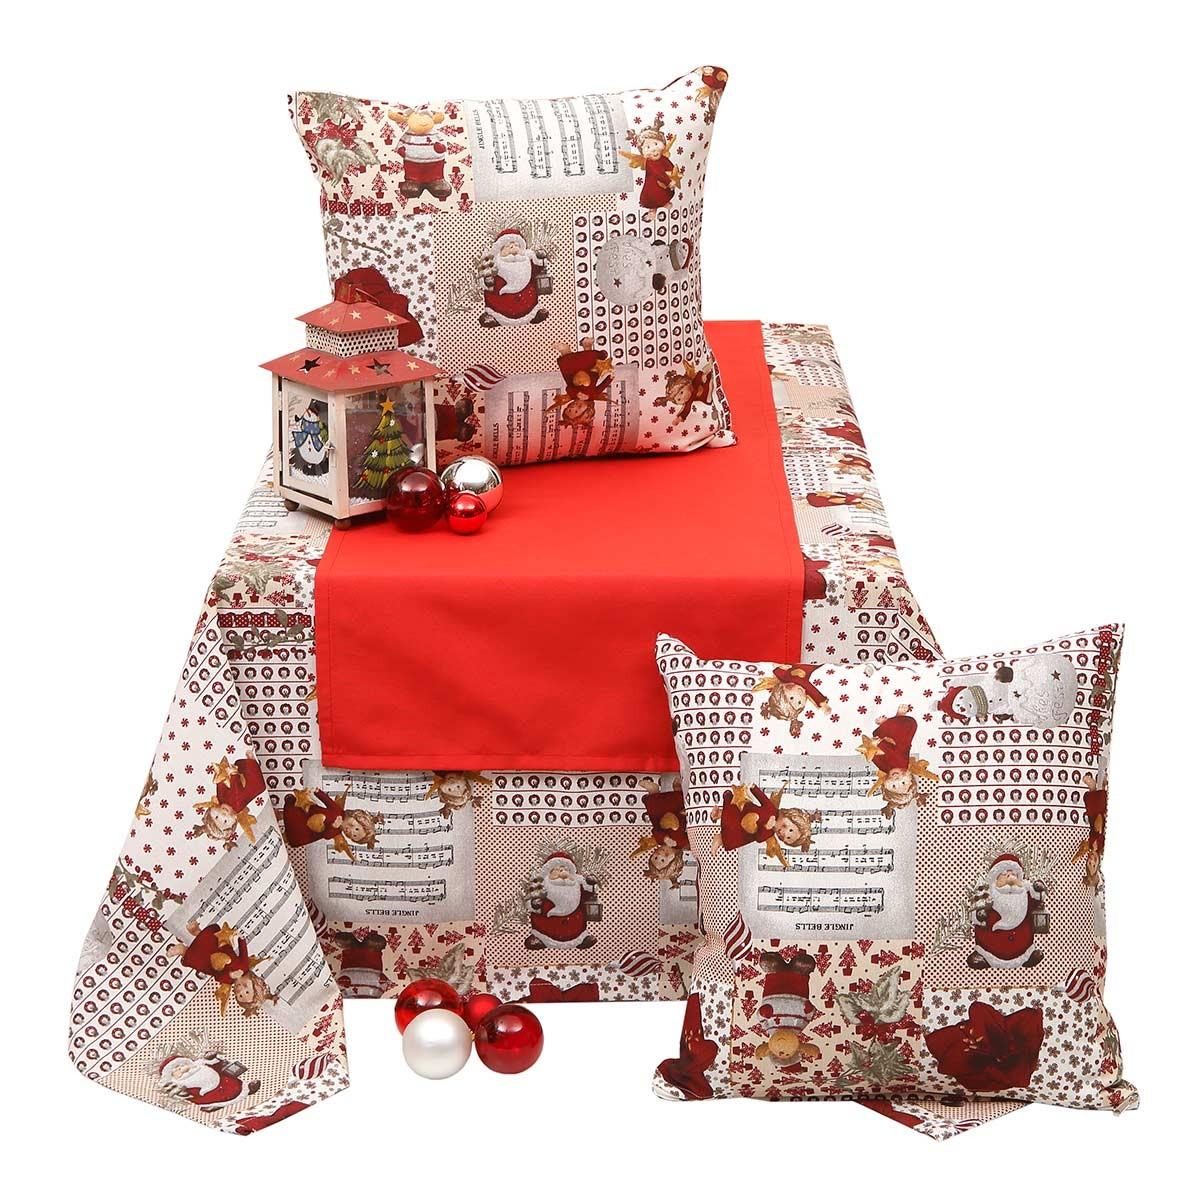 Χριστουγεννιάτικο Τραπεζομάντηλο (140x180) Viopros 4435